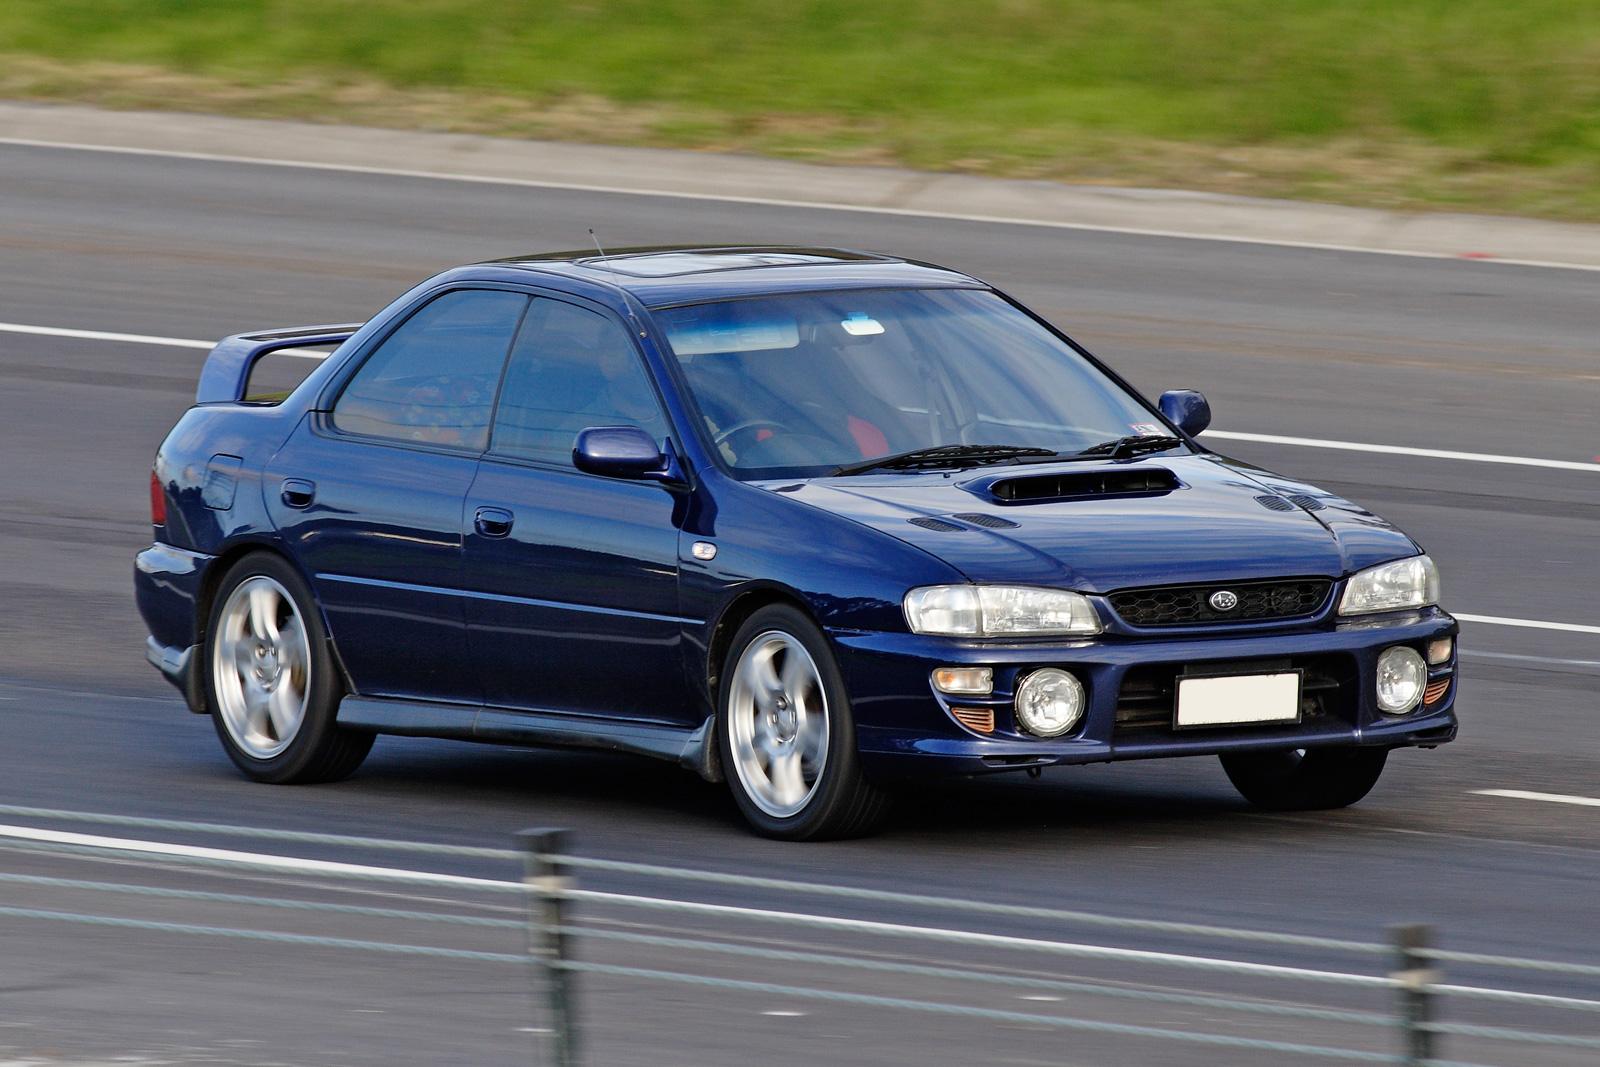 [Image: 1999%E2%80%932000_Subaru_Impreza_WRX_sedan.jpg]